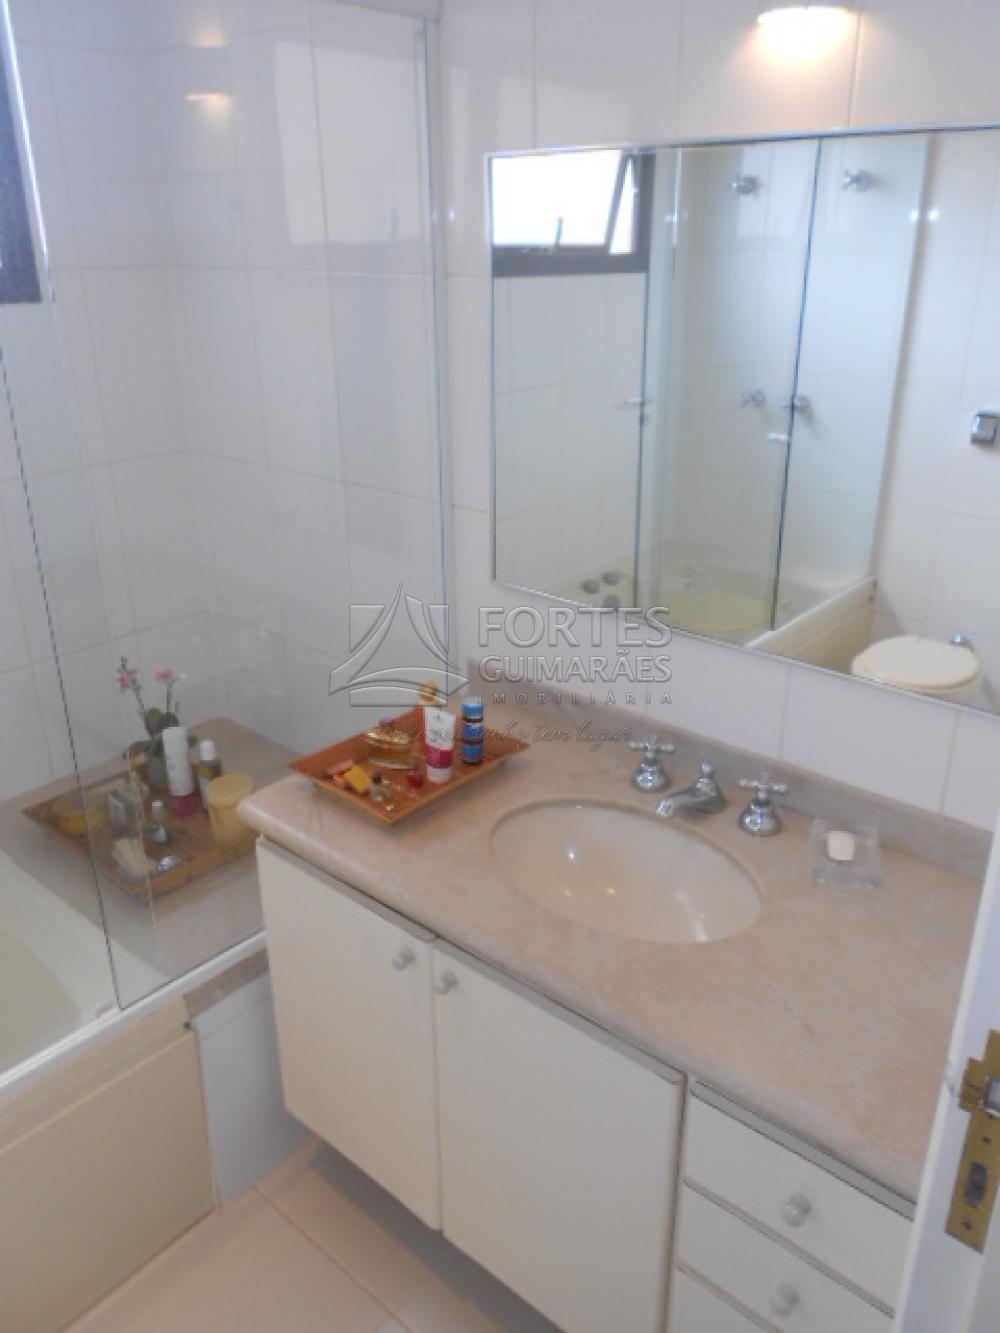 Alugar Apartamentos / Padrão em Ribeirão Preto apenas R$ 3.800,00 - Foto 33